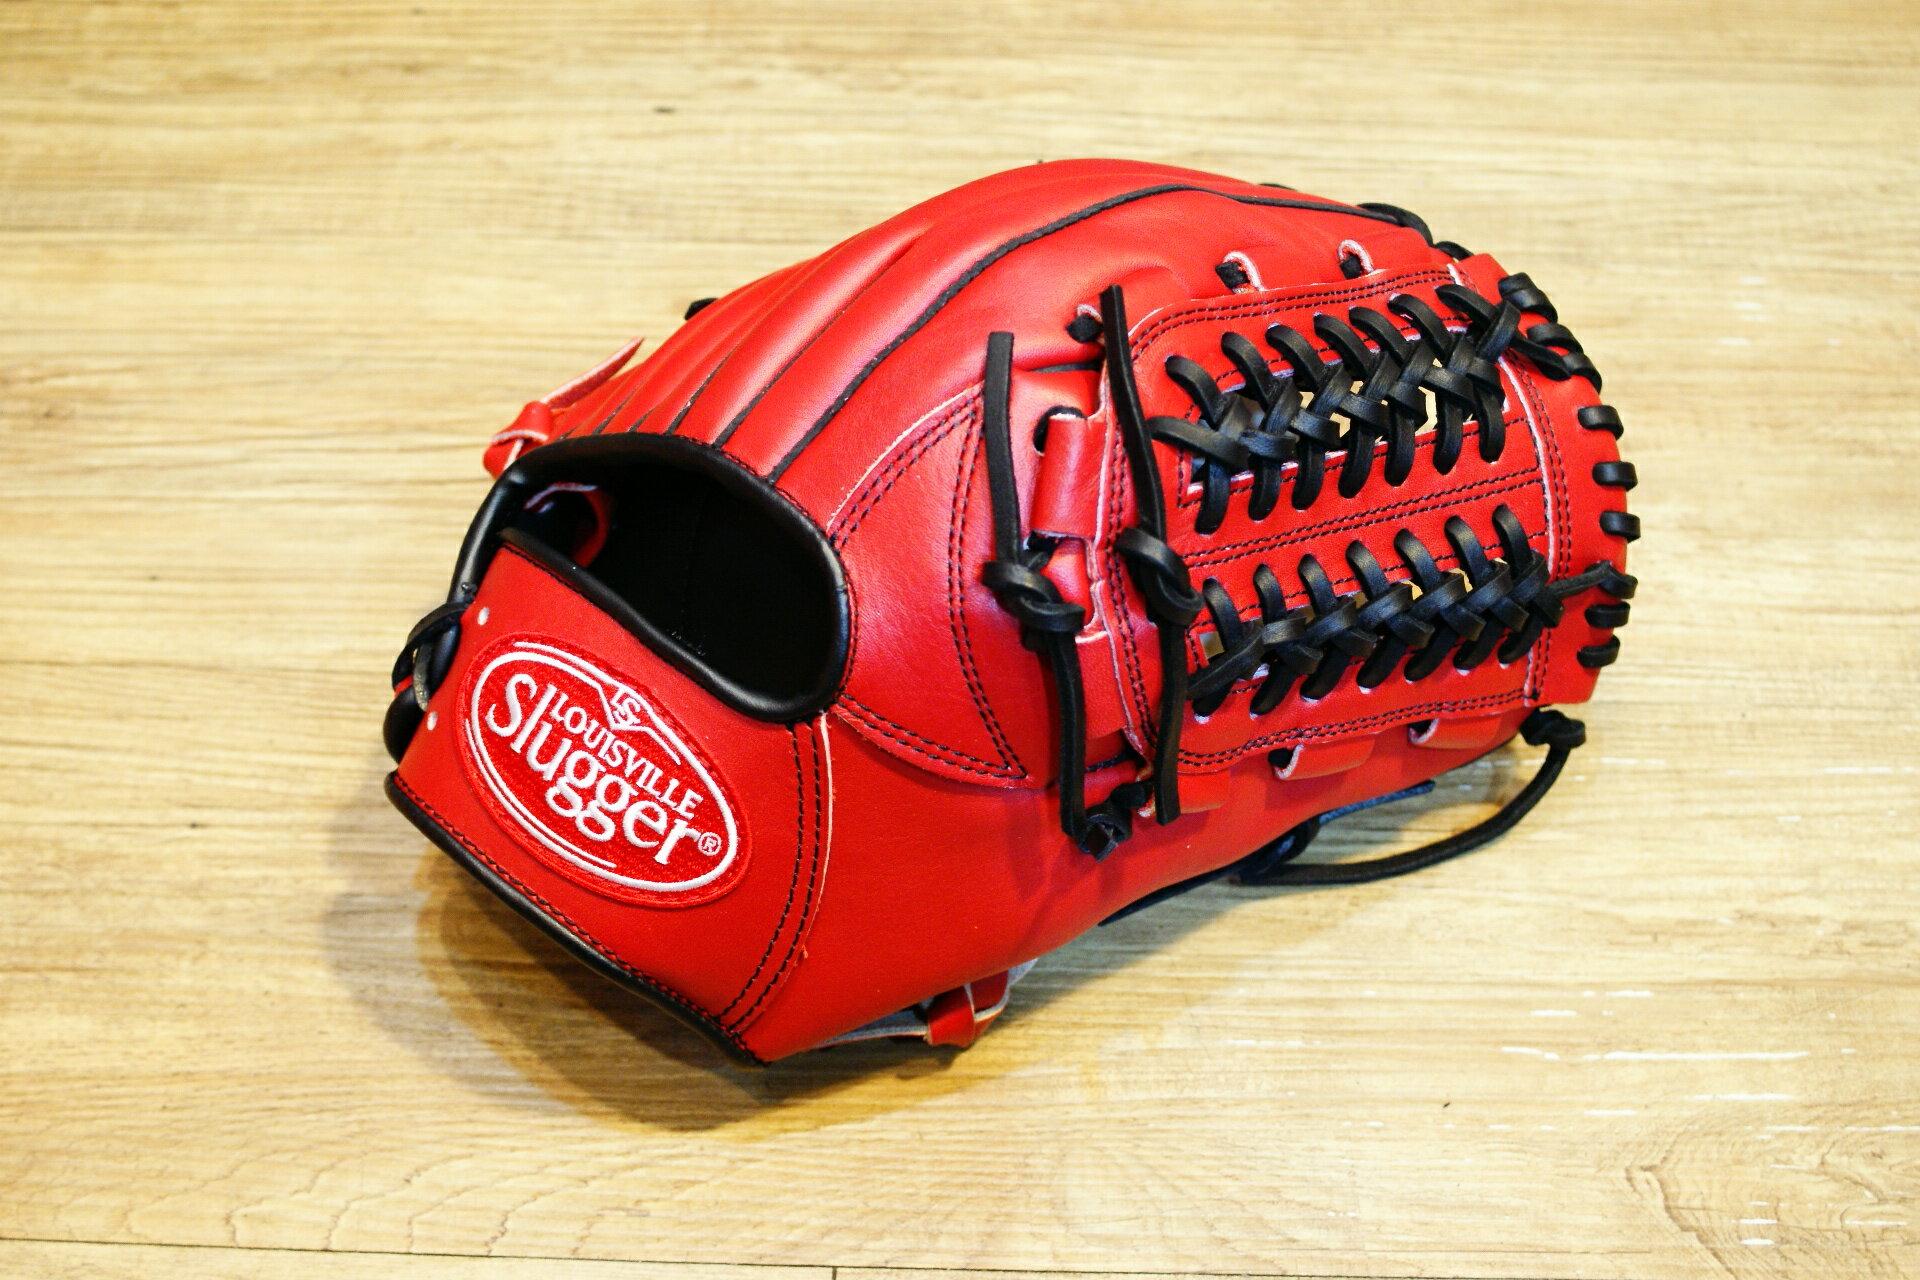 棒球世界 全新Louisvill Slugger 路易斯威爾TPX紅黑配色內野網狀手套 特價